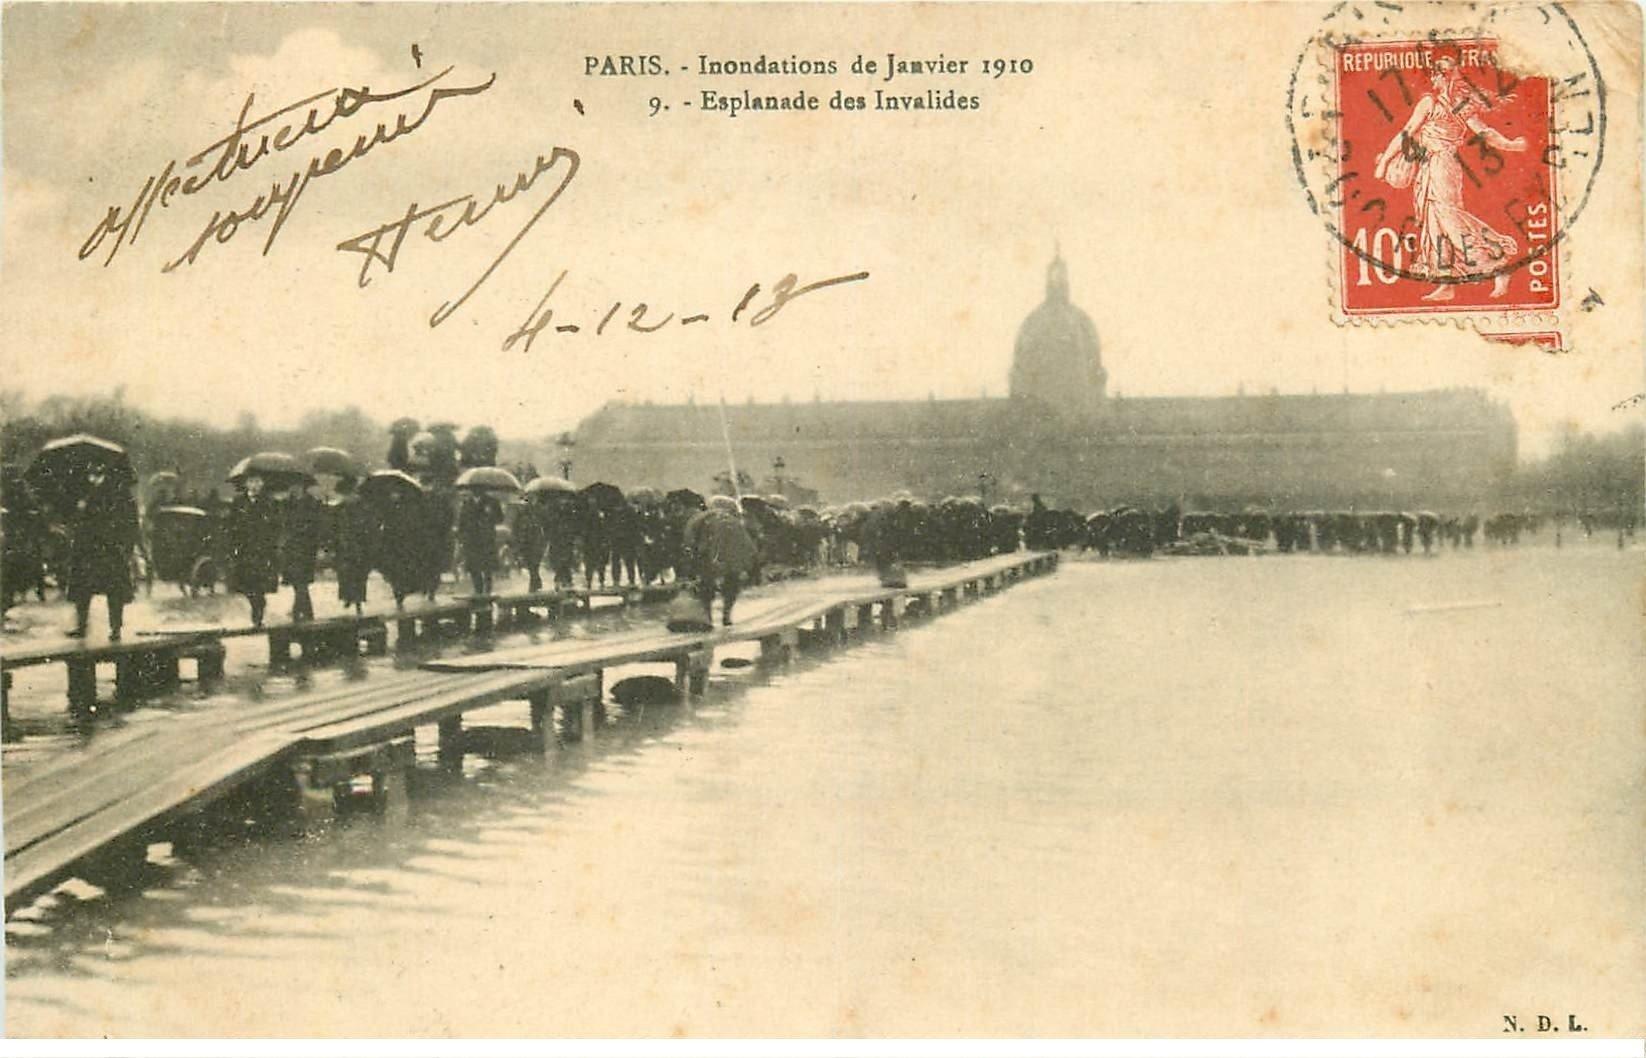 1910 INONDATION ET CRUE PARIS 07. Esplanade Invalides 1913